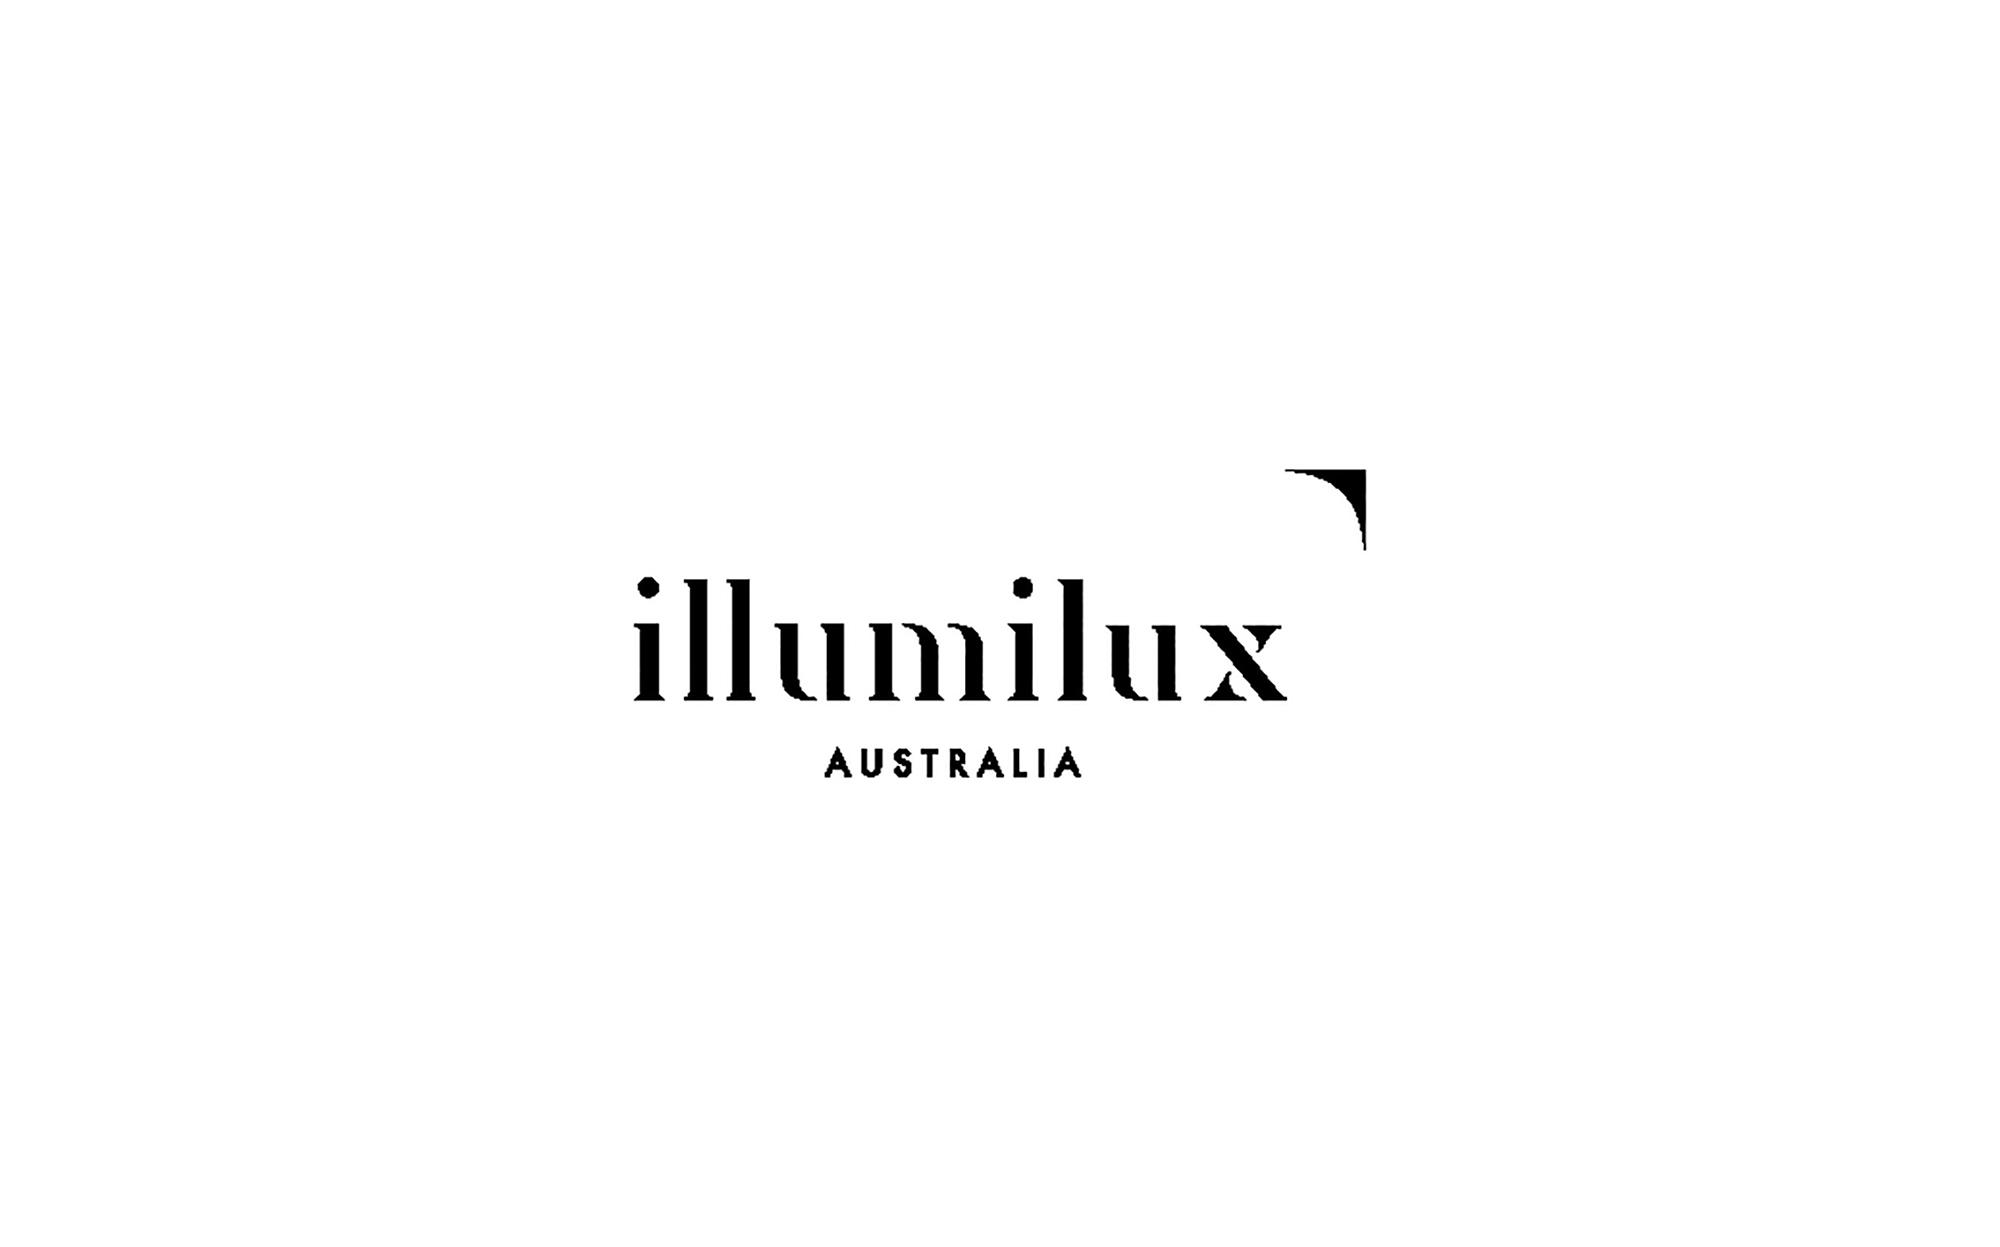 ILLUMILUX